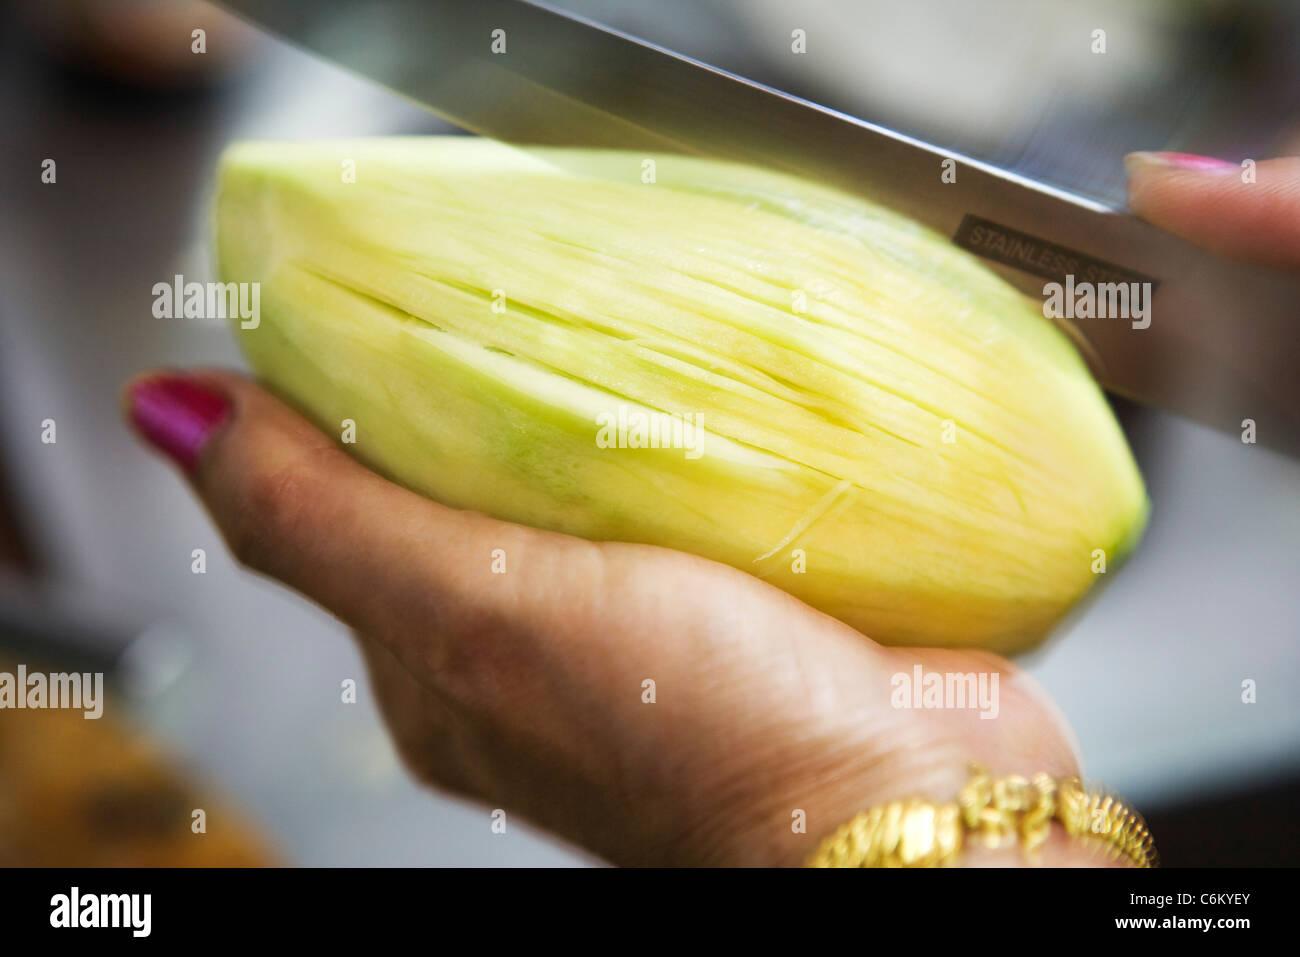 Slicing fresh mango - Stock Image